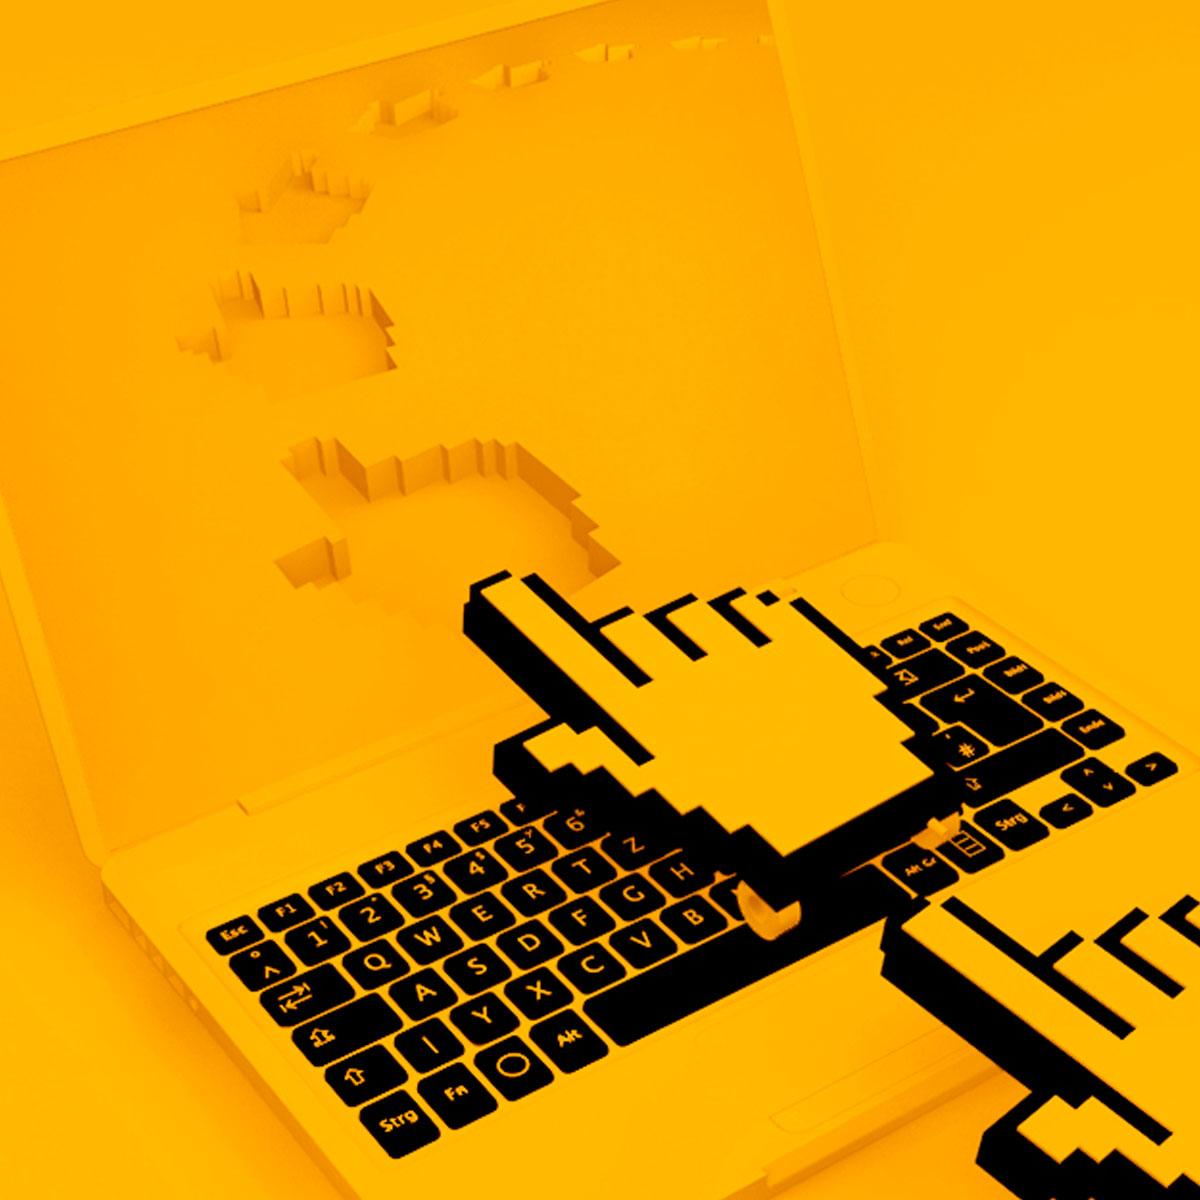 3d clicker footprints through laptop screen